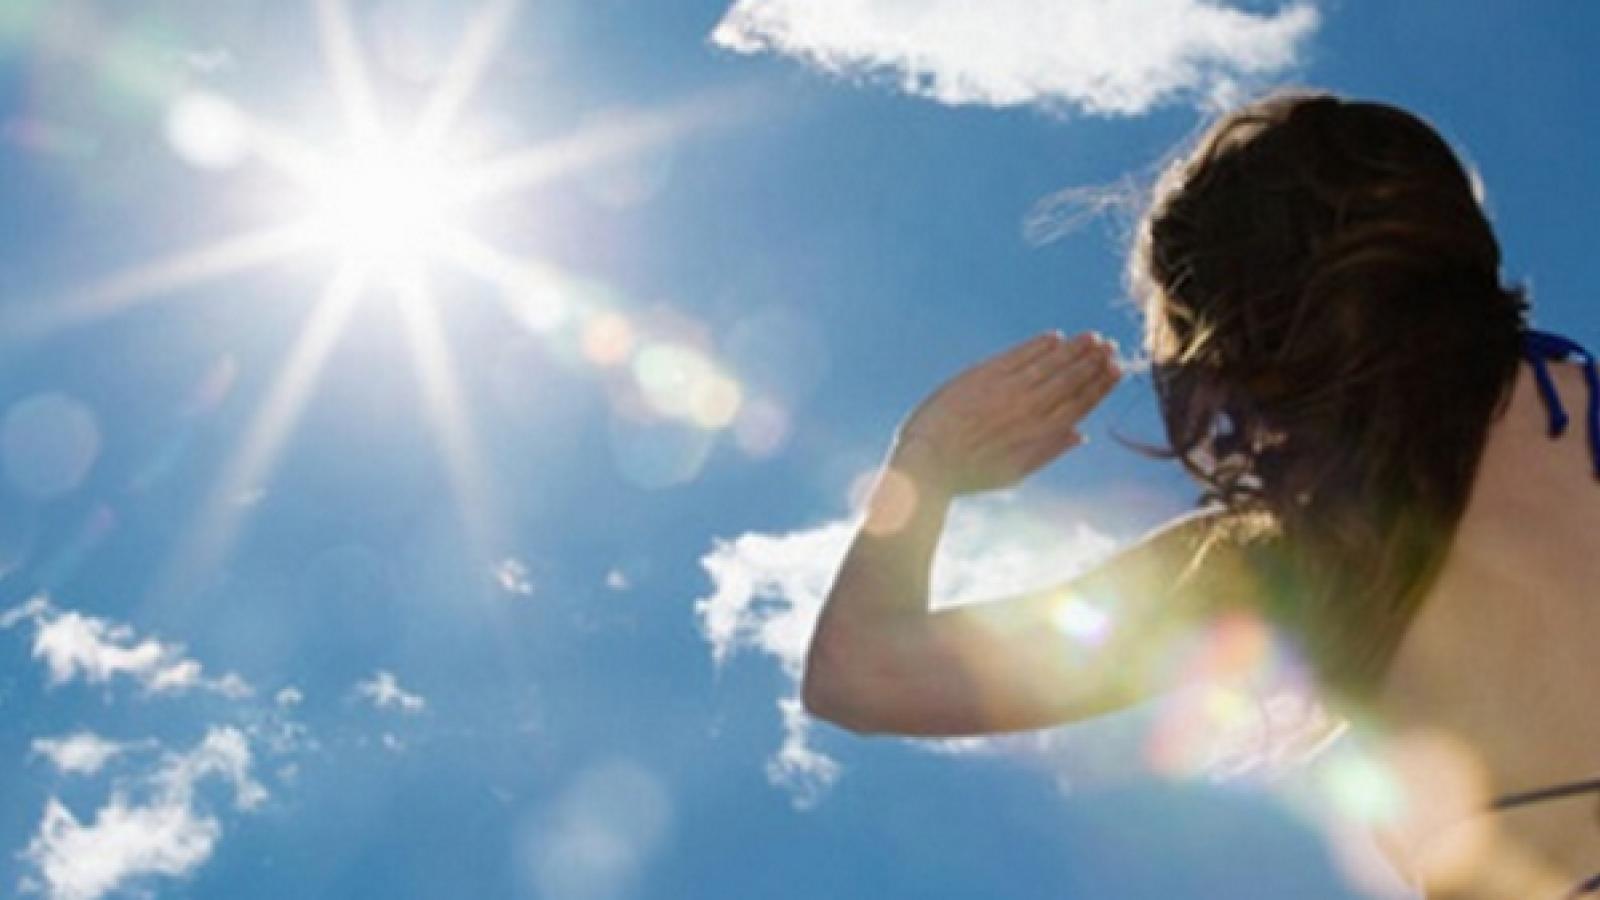 Bảo vệ mắt và tóc dưới nắng hè